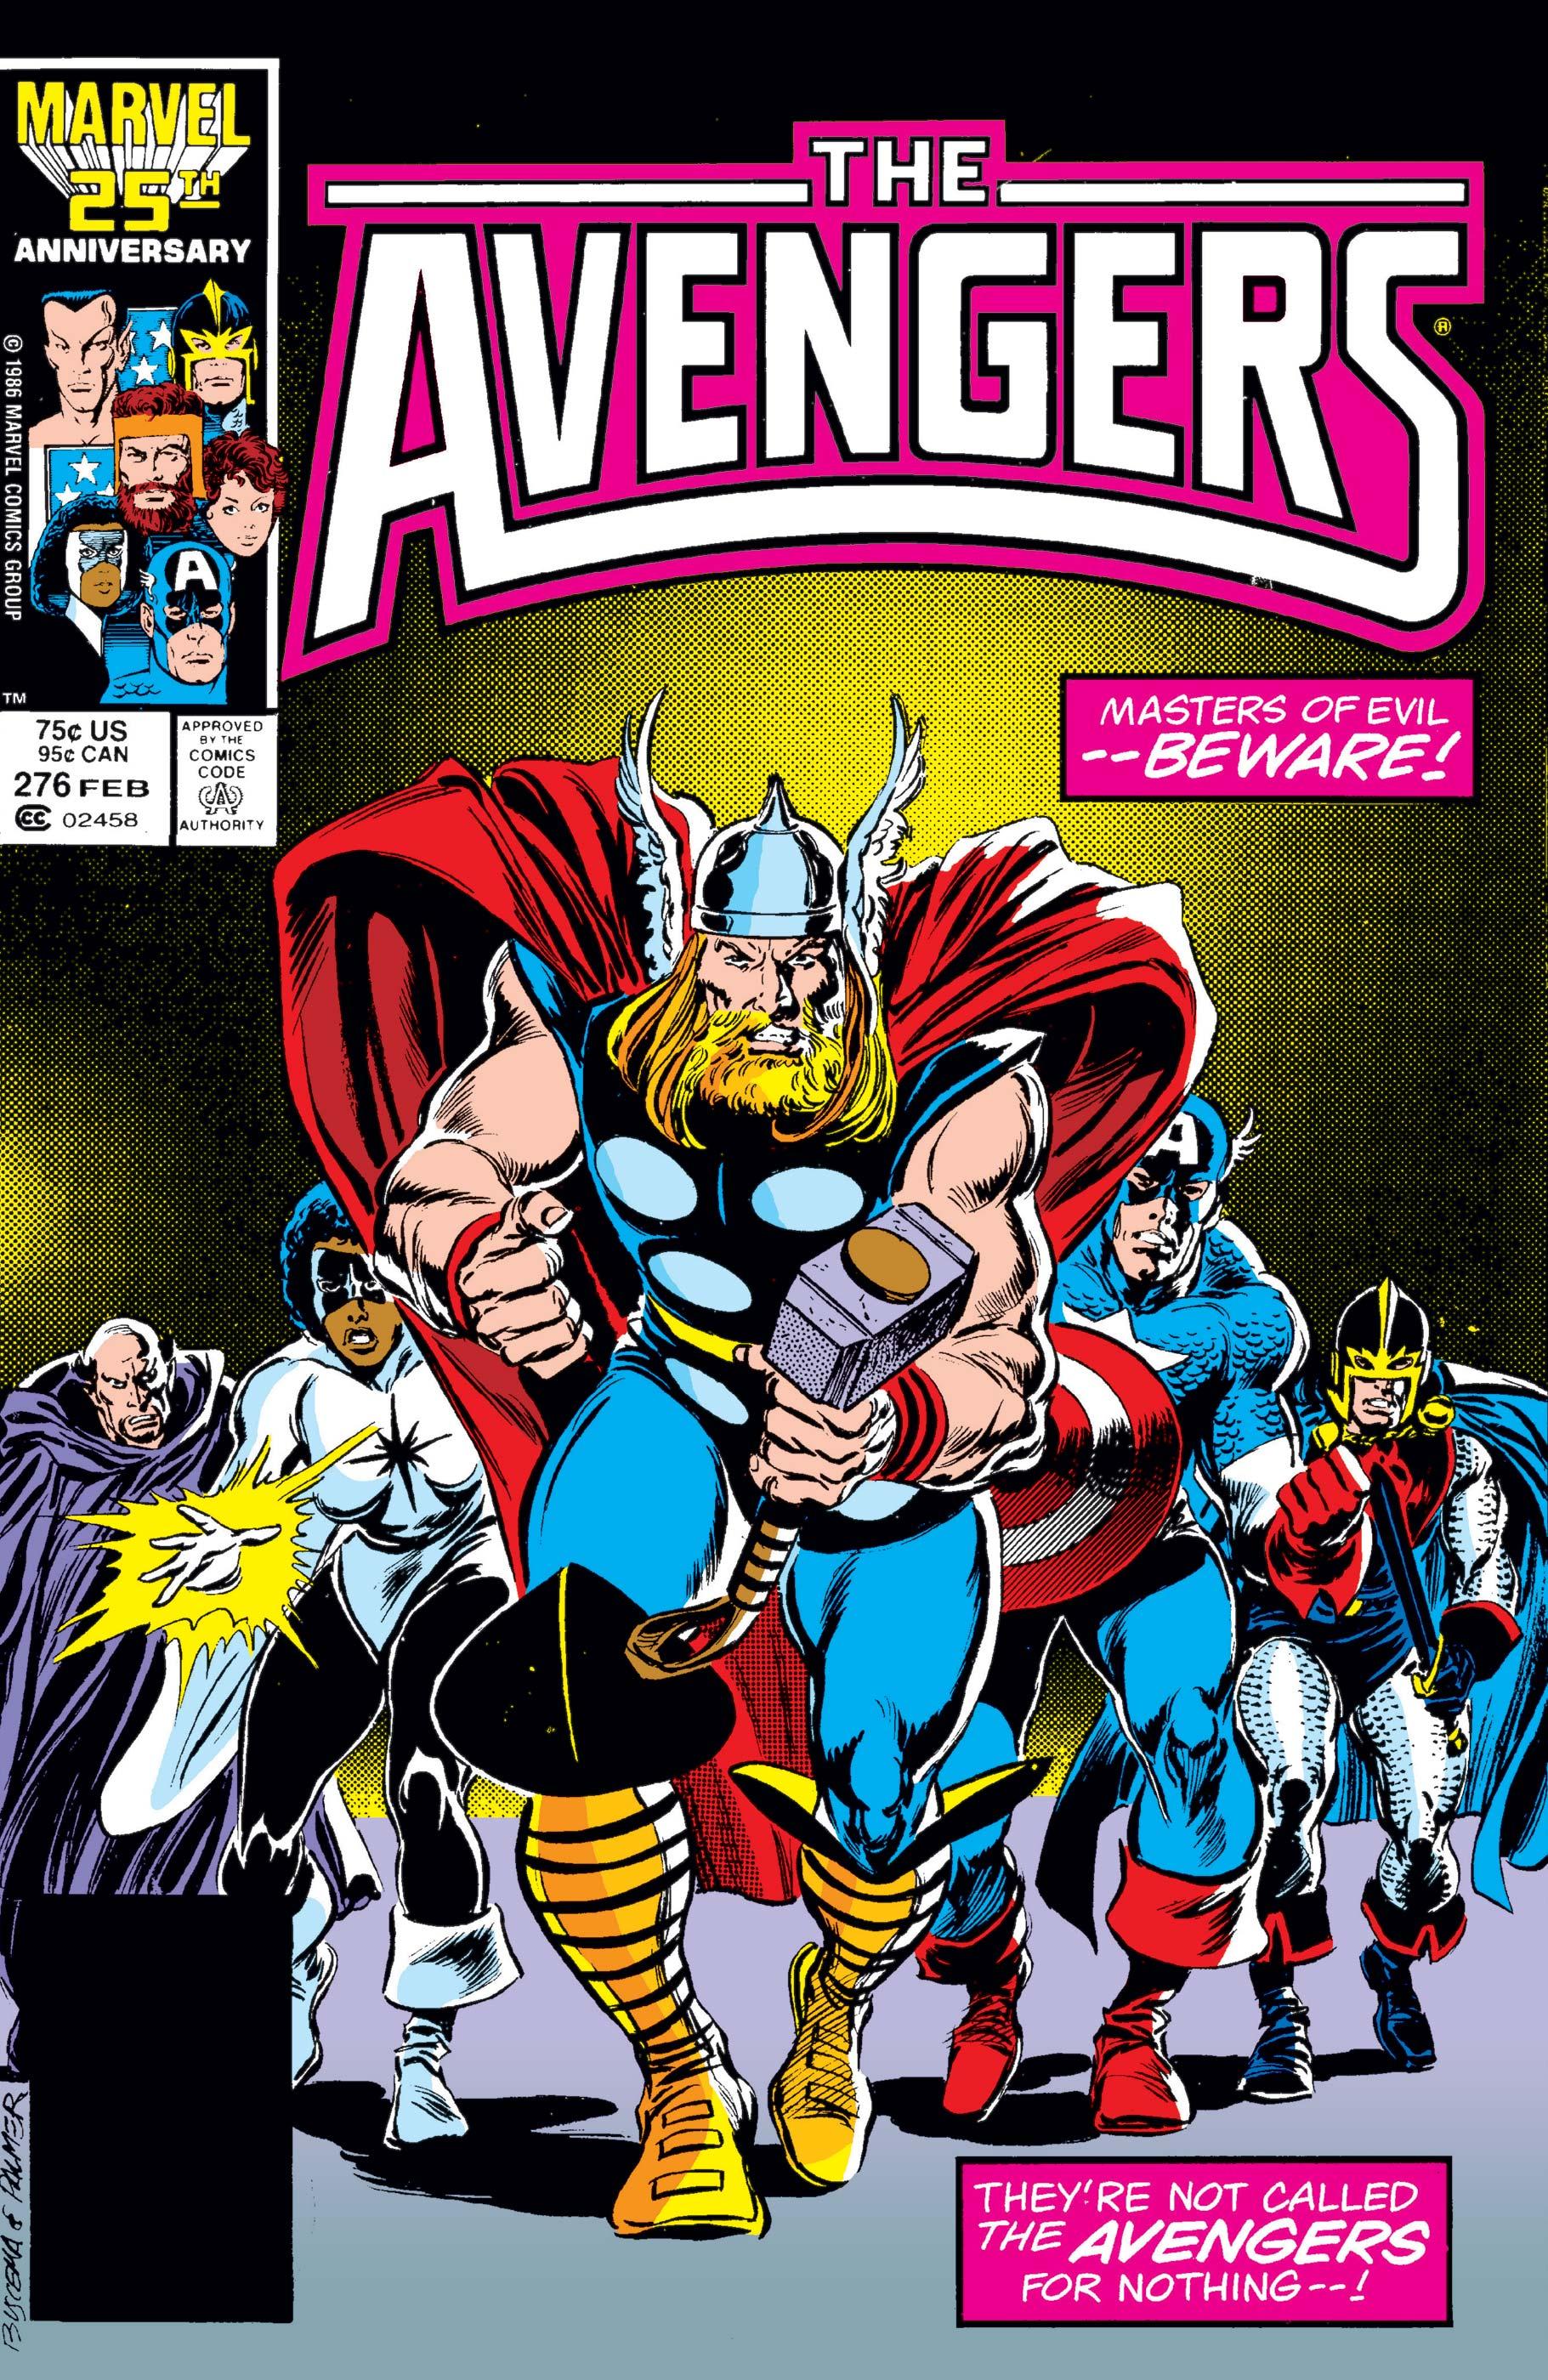 Avengers (1963) #276